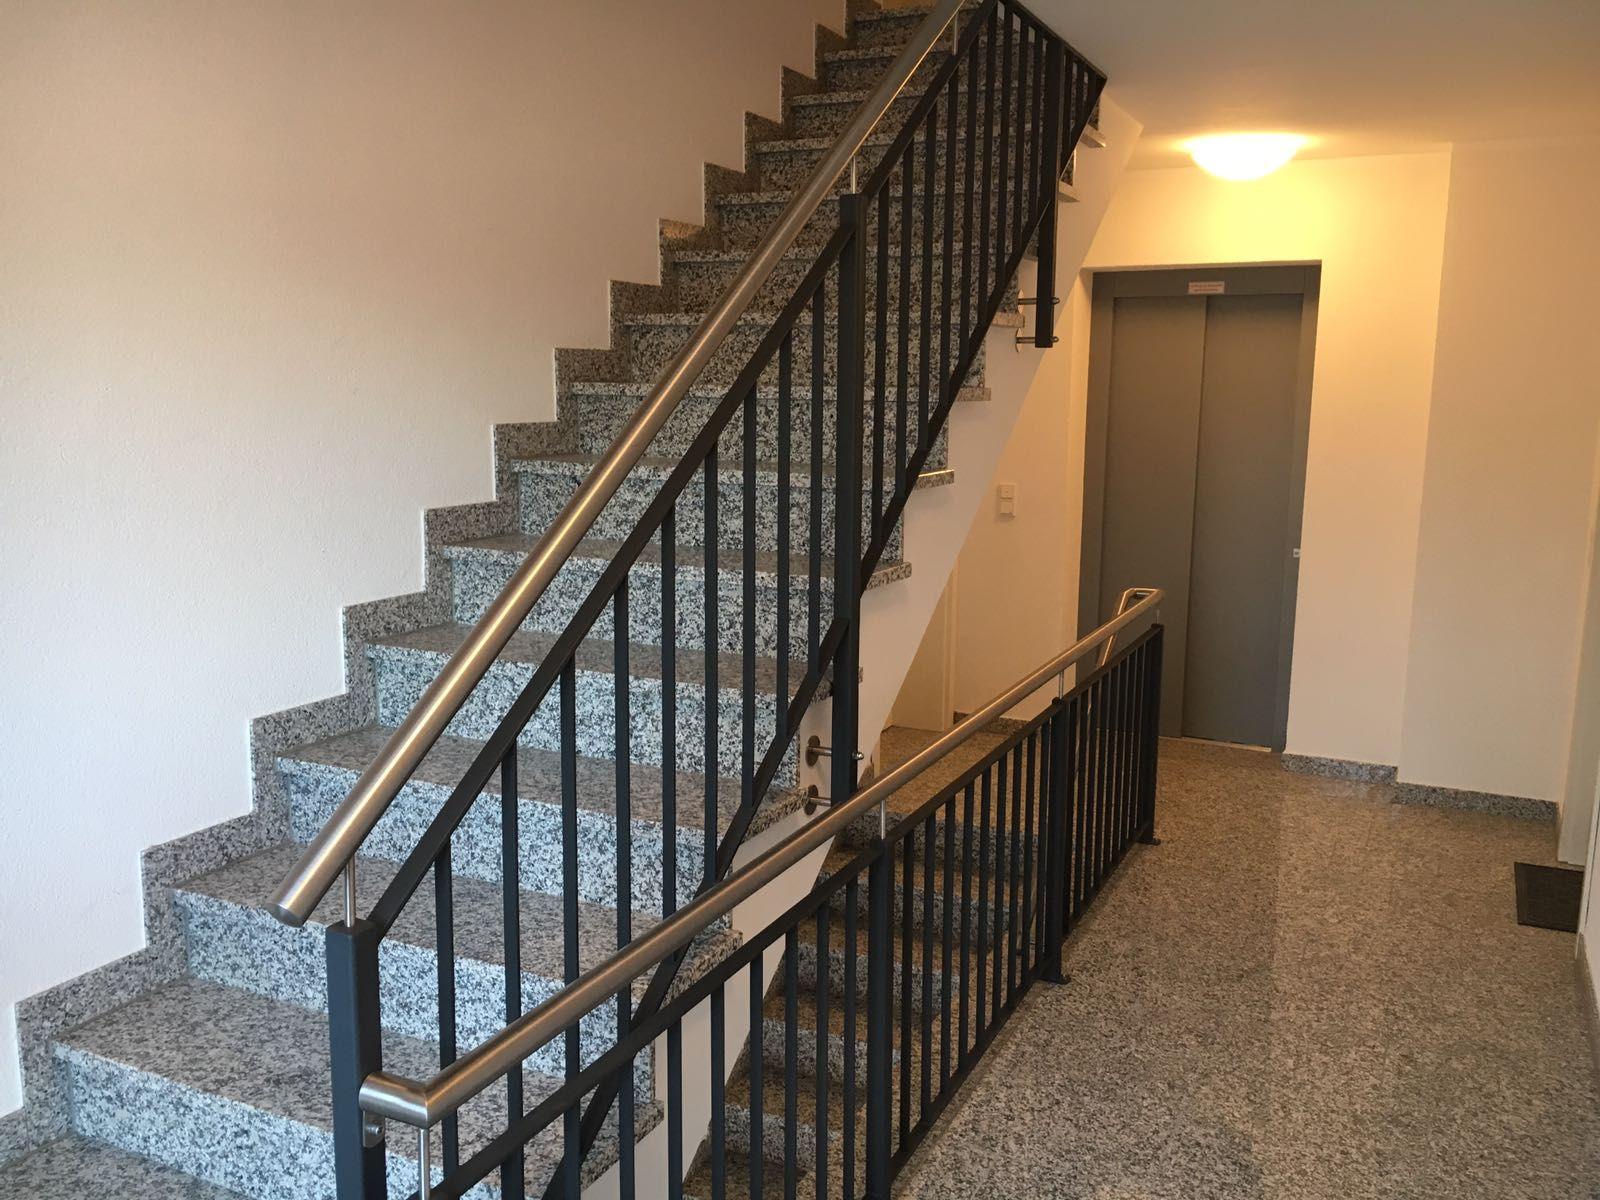 Treppen-& Brüstungesgeländer mit aufrechten Flachstäben in anthrazit und Edelstahlhandlauf